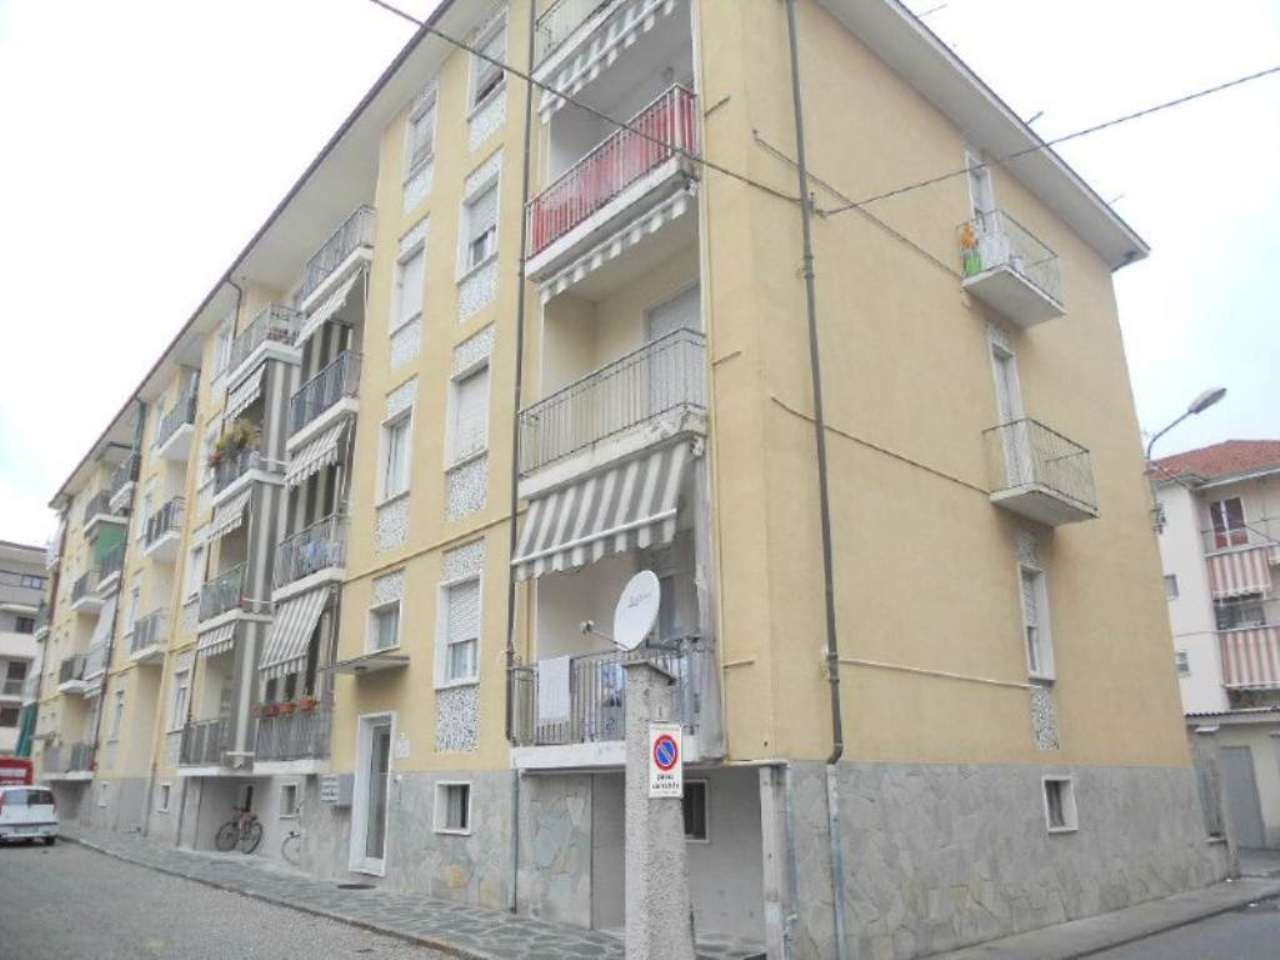 Appartamento in vendita a Savigliano, 2 locali, prezzo € 69.000 | Cambio Casa.it